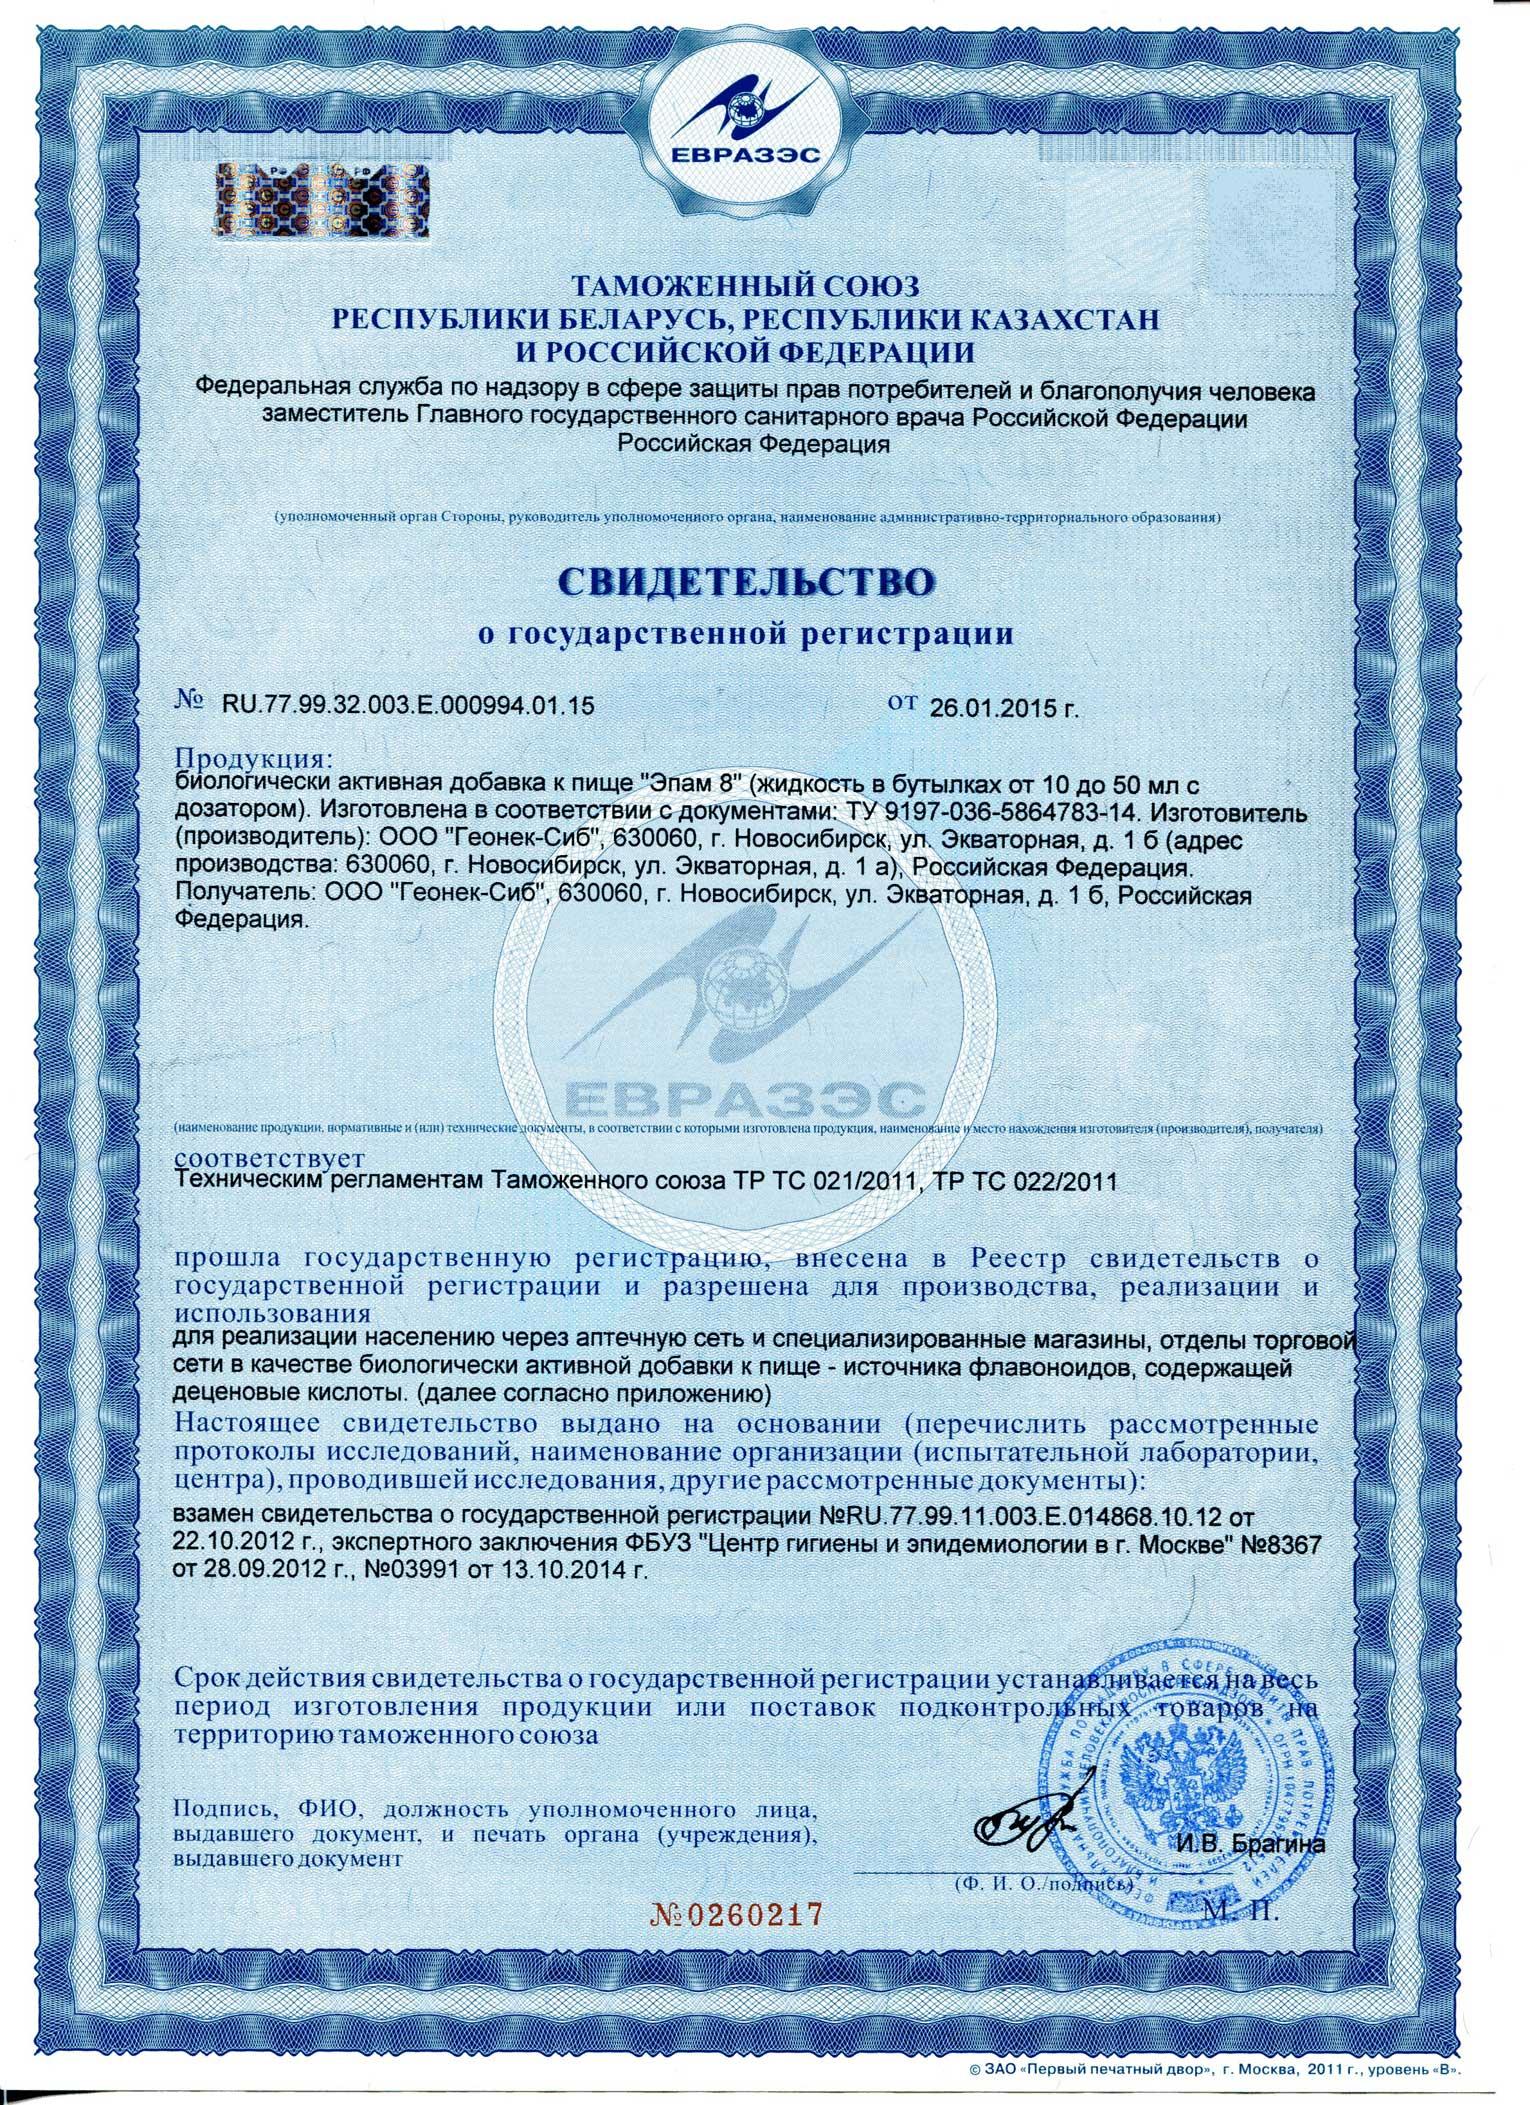 Свидетельство о гос. регистрации